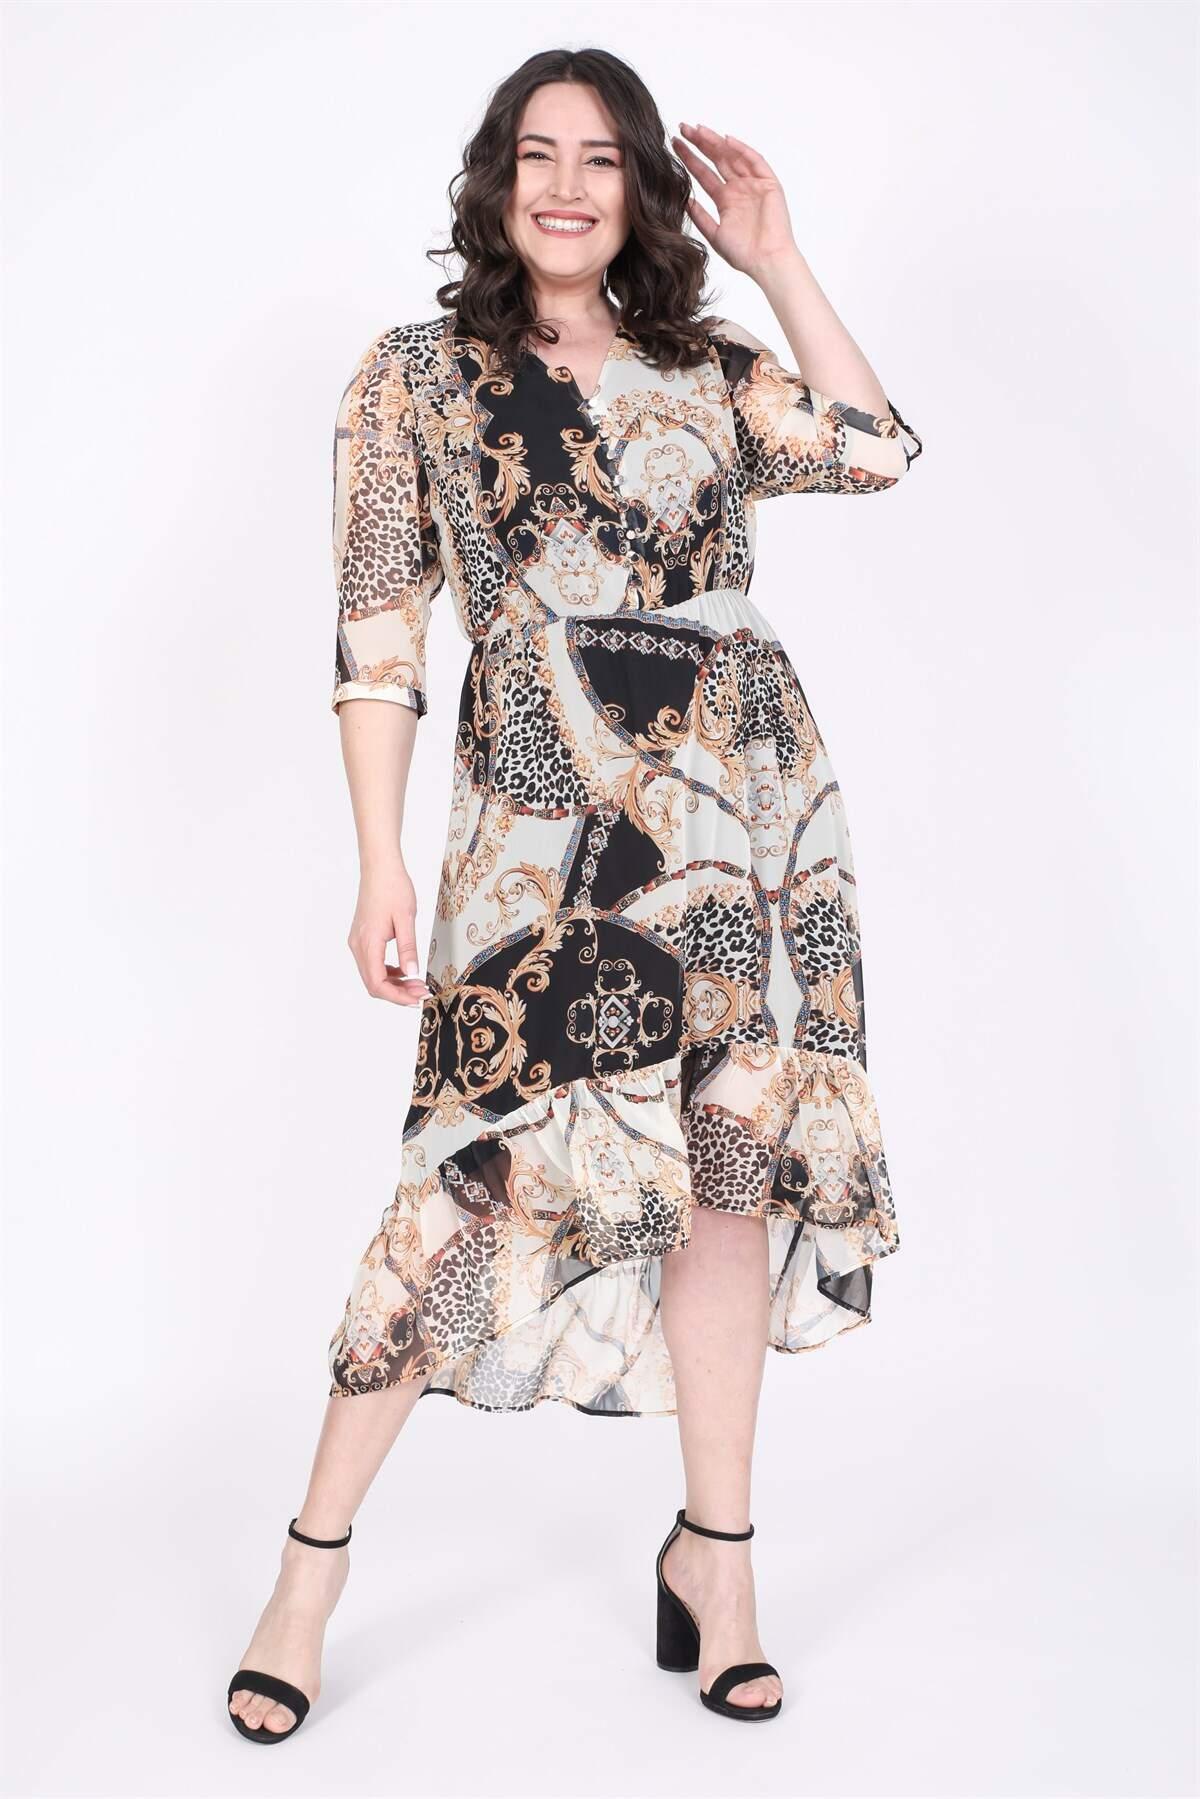 Women's Patterned Chiffon Dress